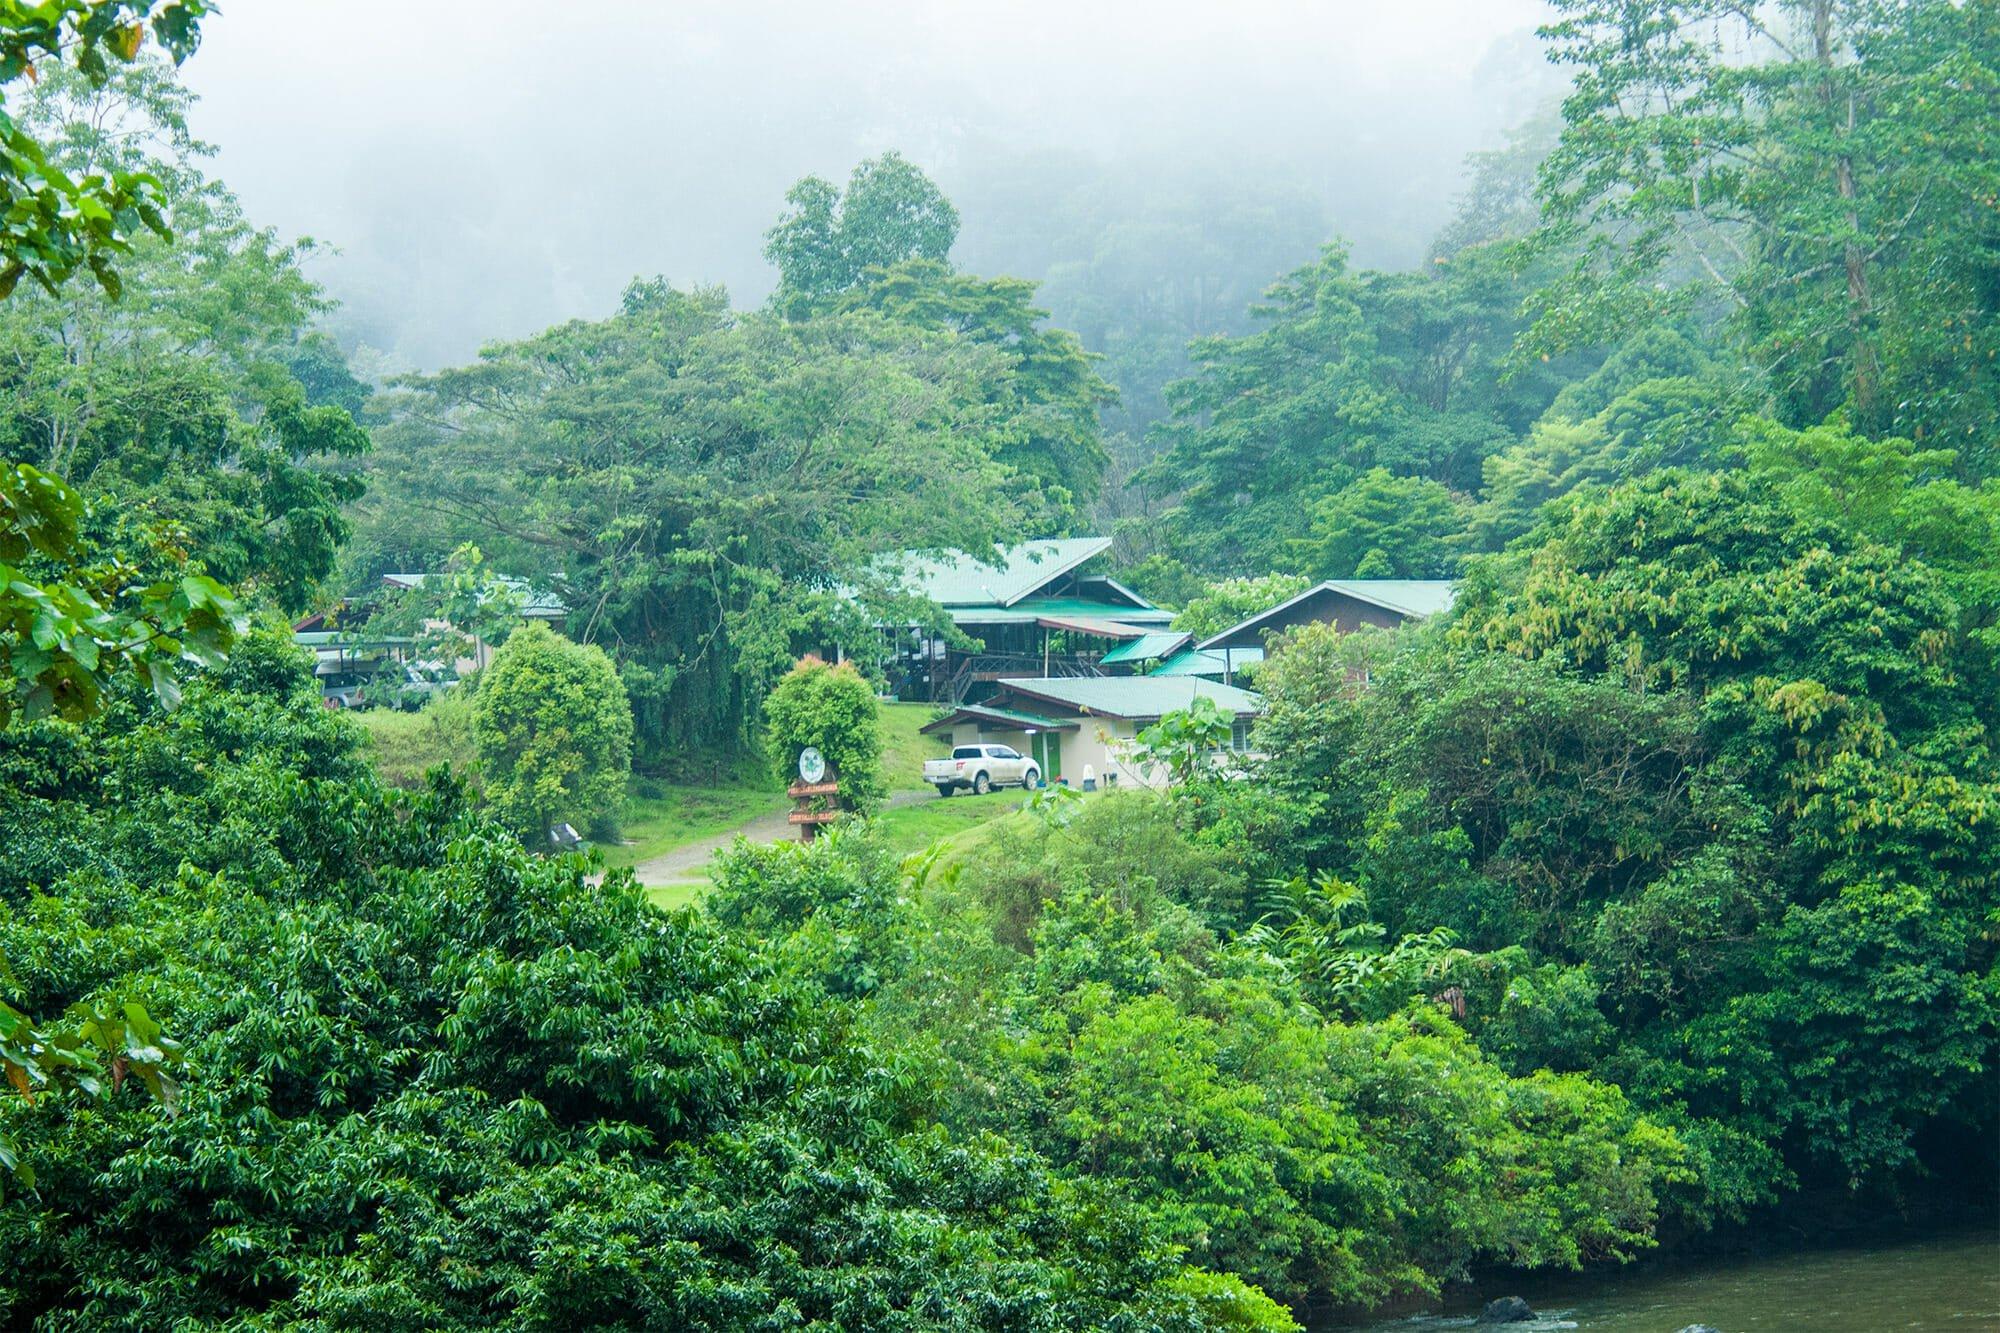 Danum Valley Field Center in Borneo